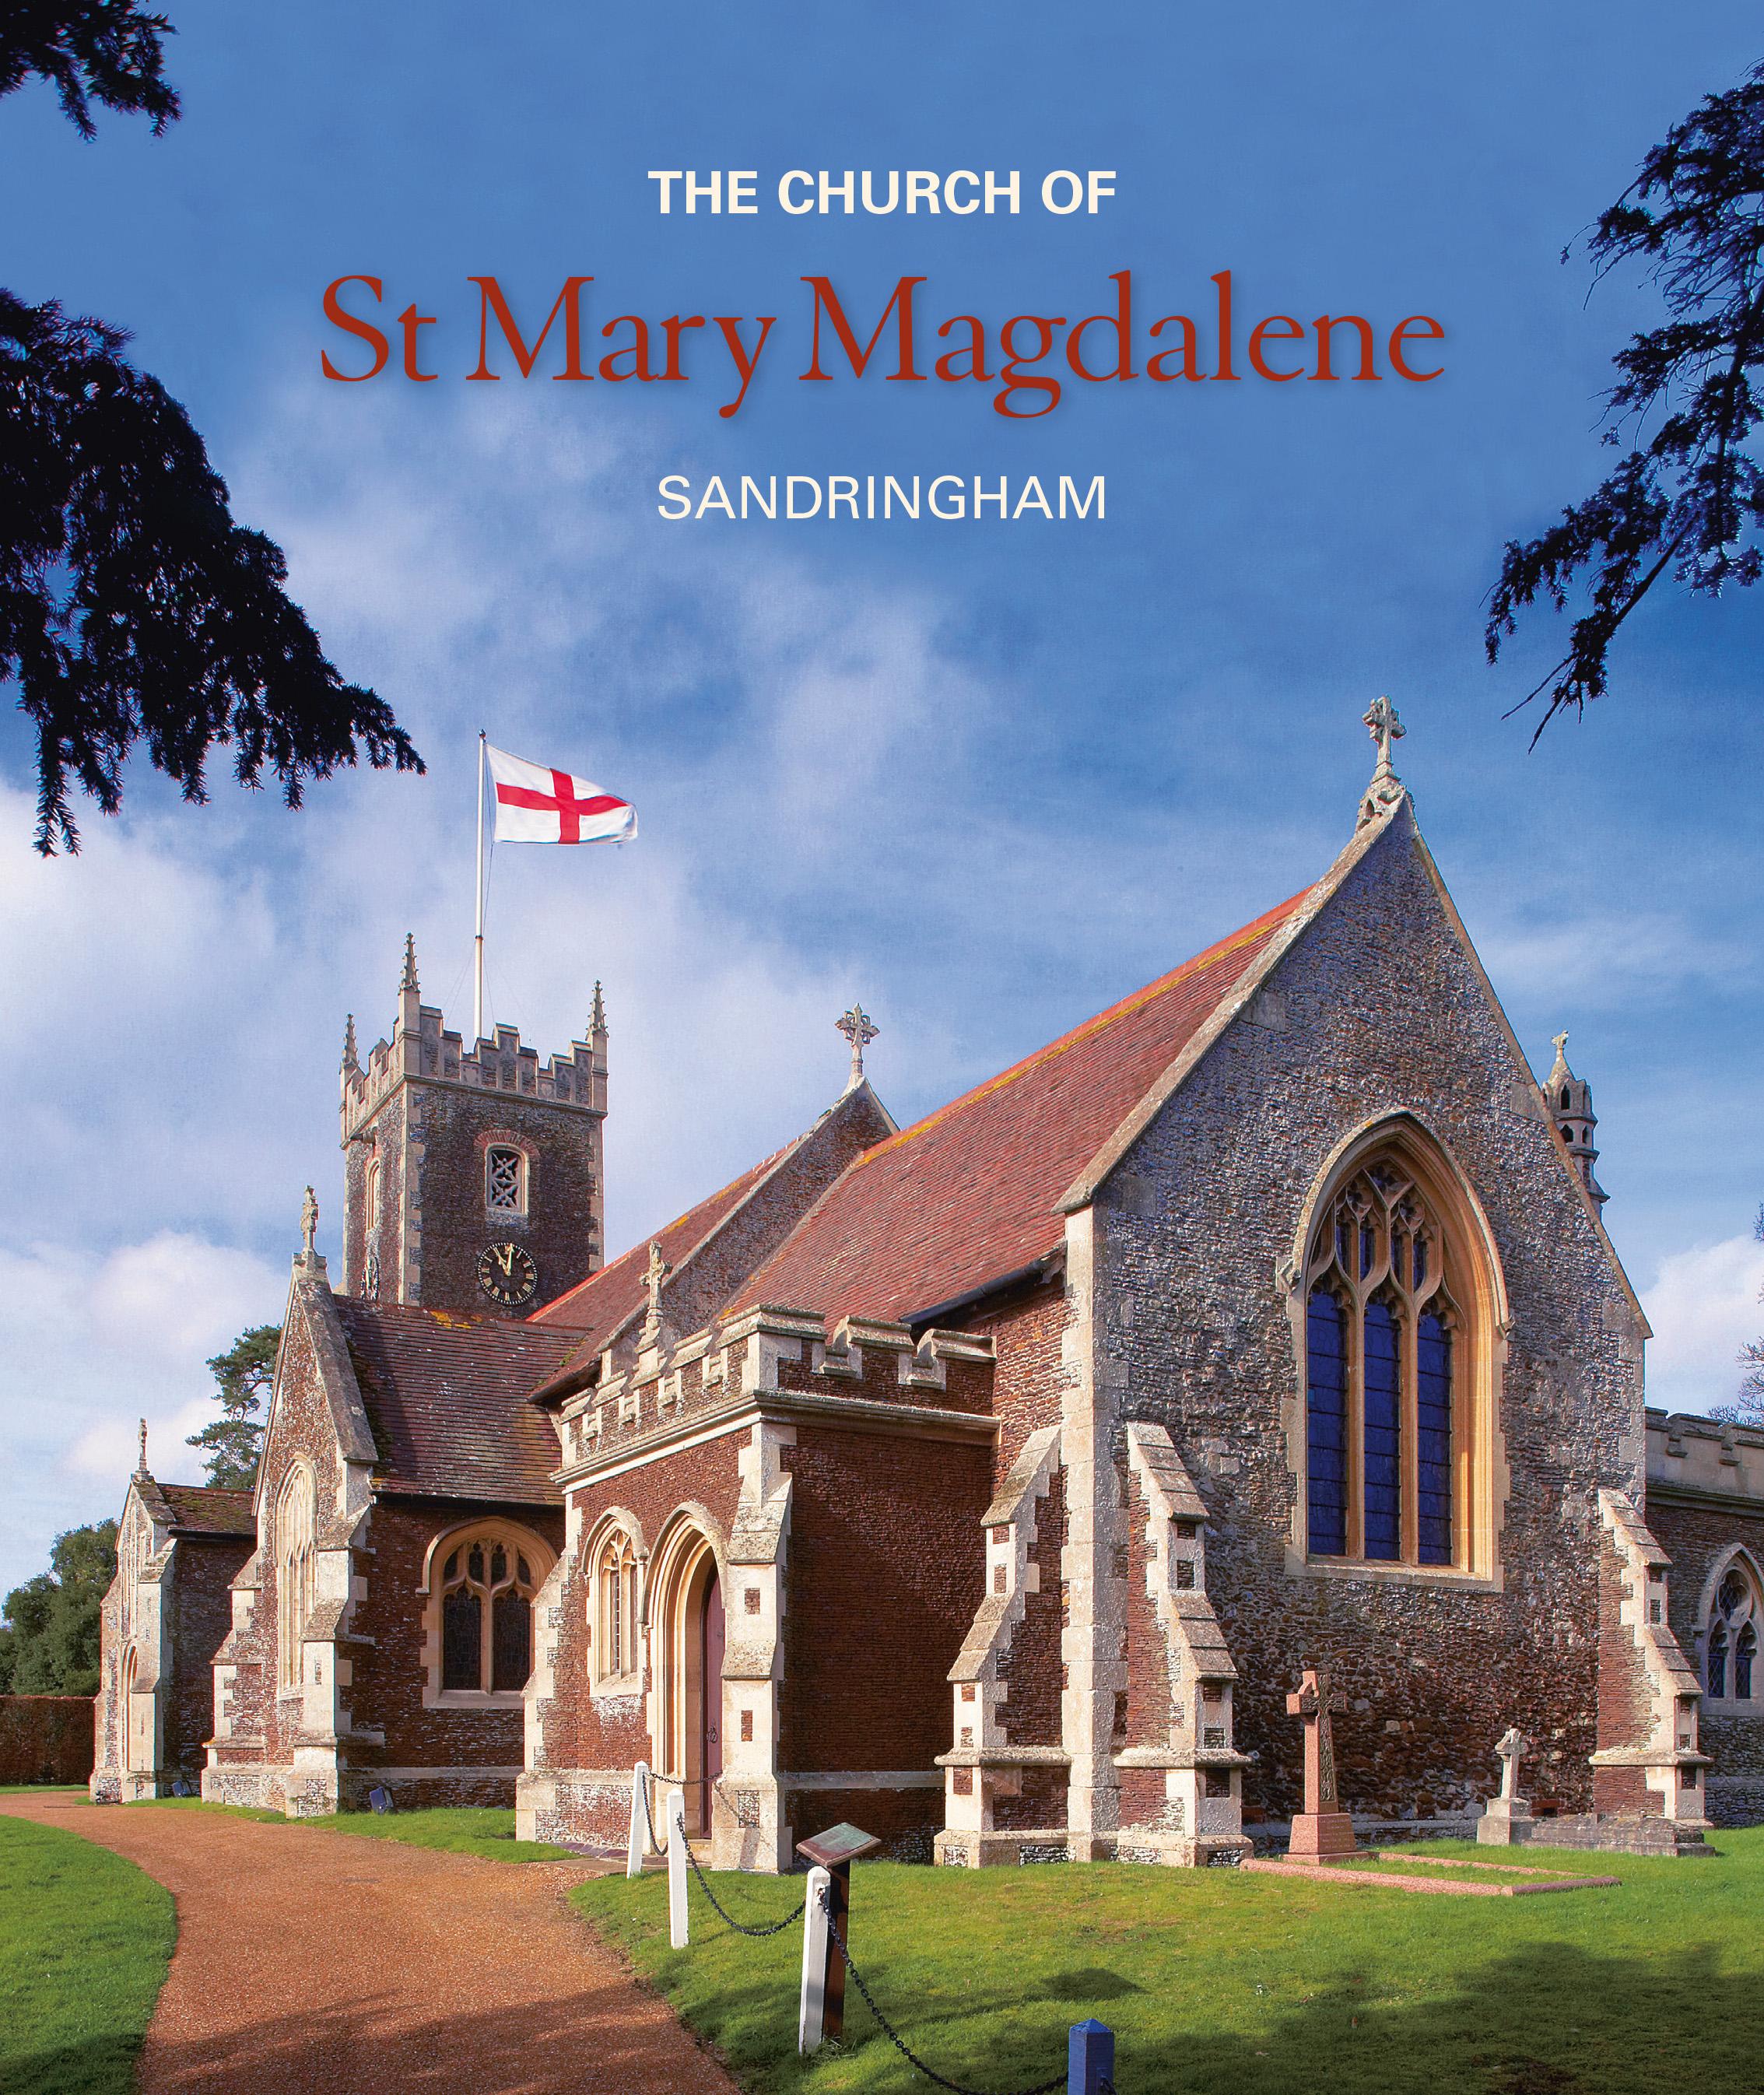 St. Mary Magdalene, Sandringham